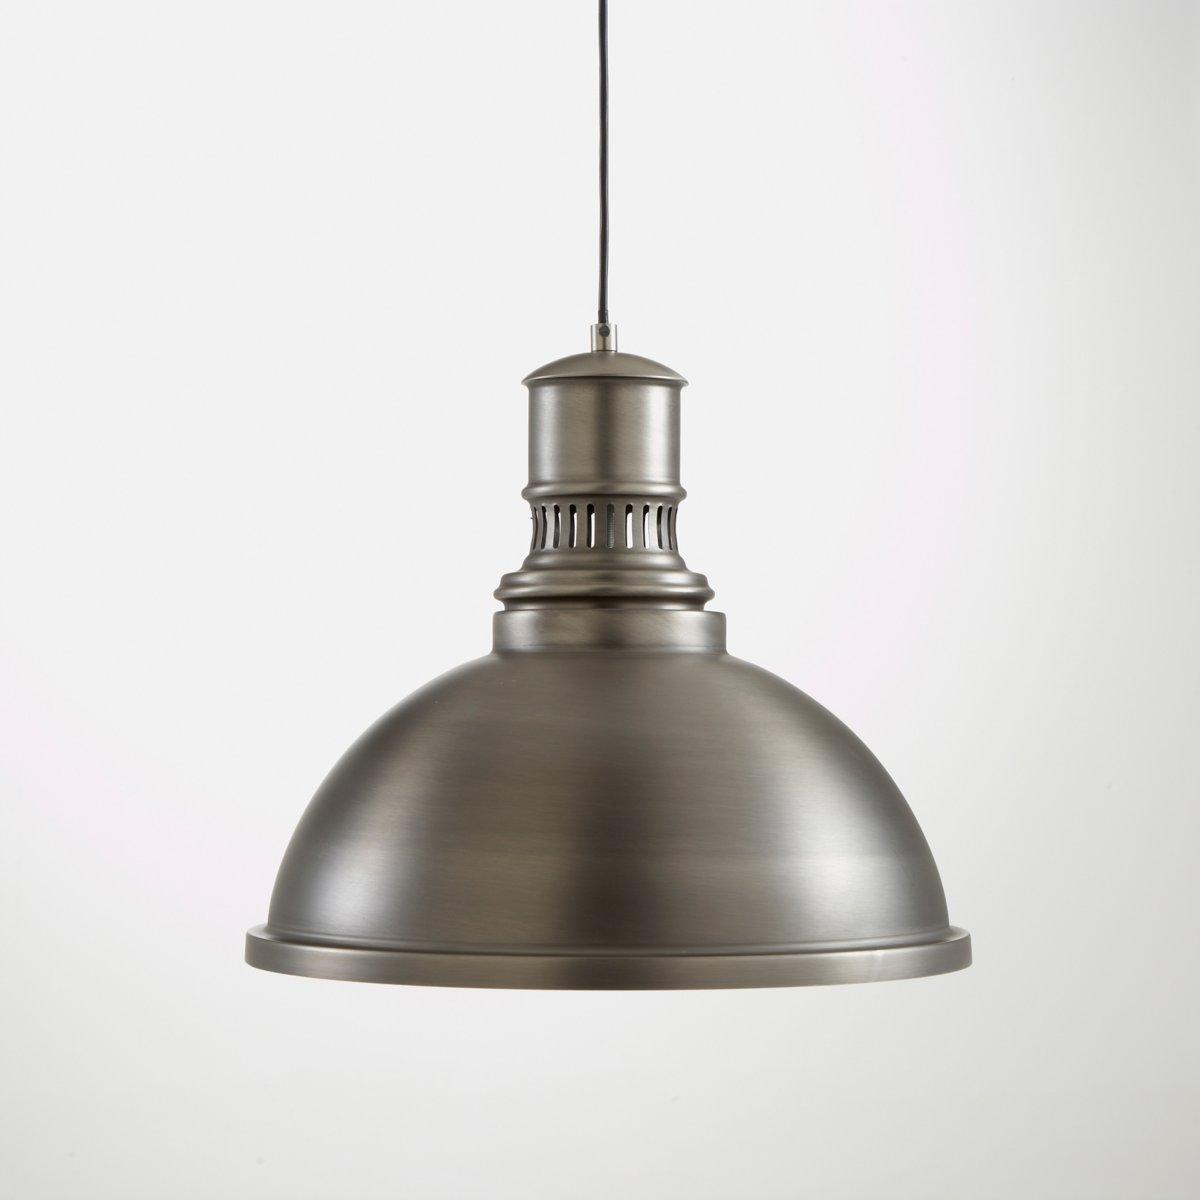 Светильник в индустриальном стиле из металла, Lizia от La Redoute